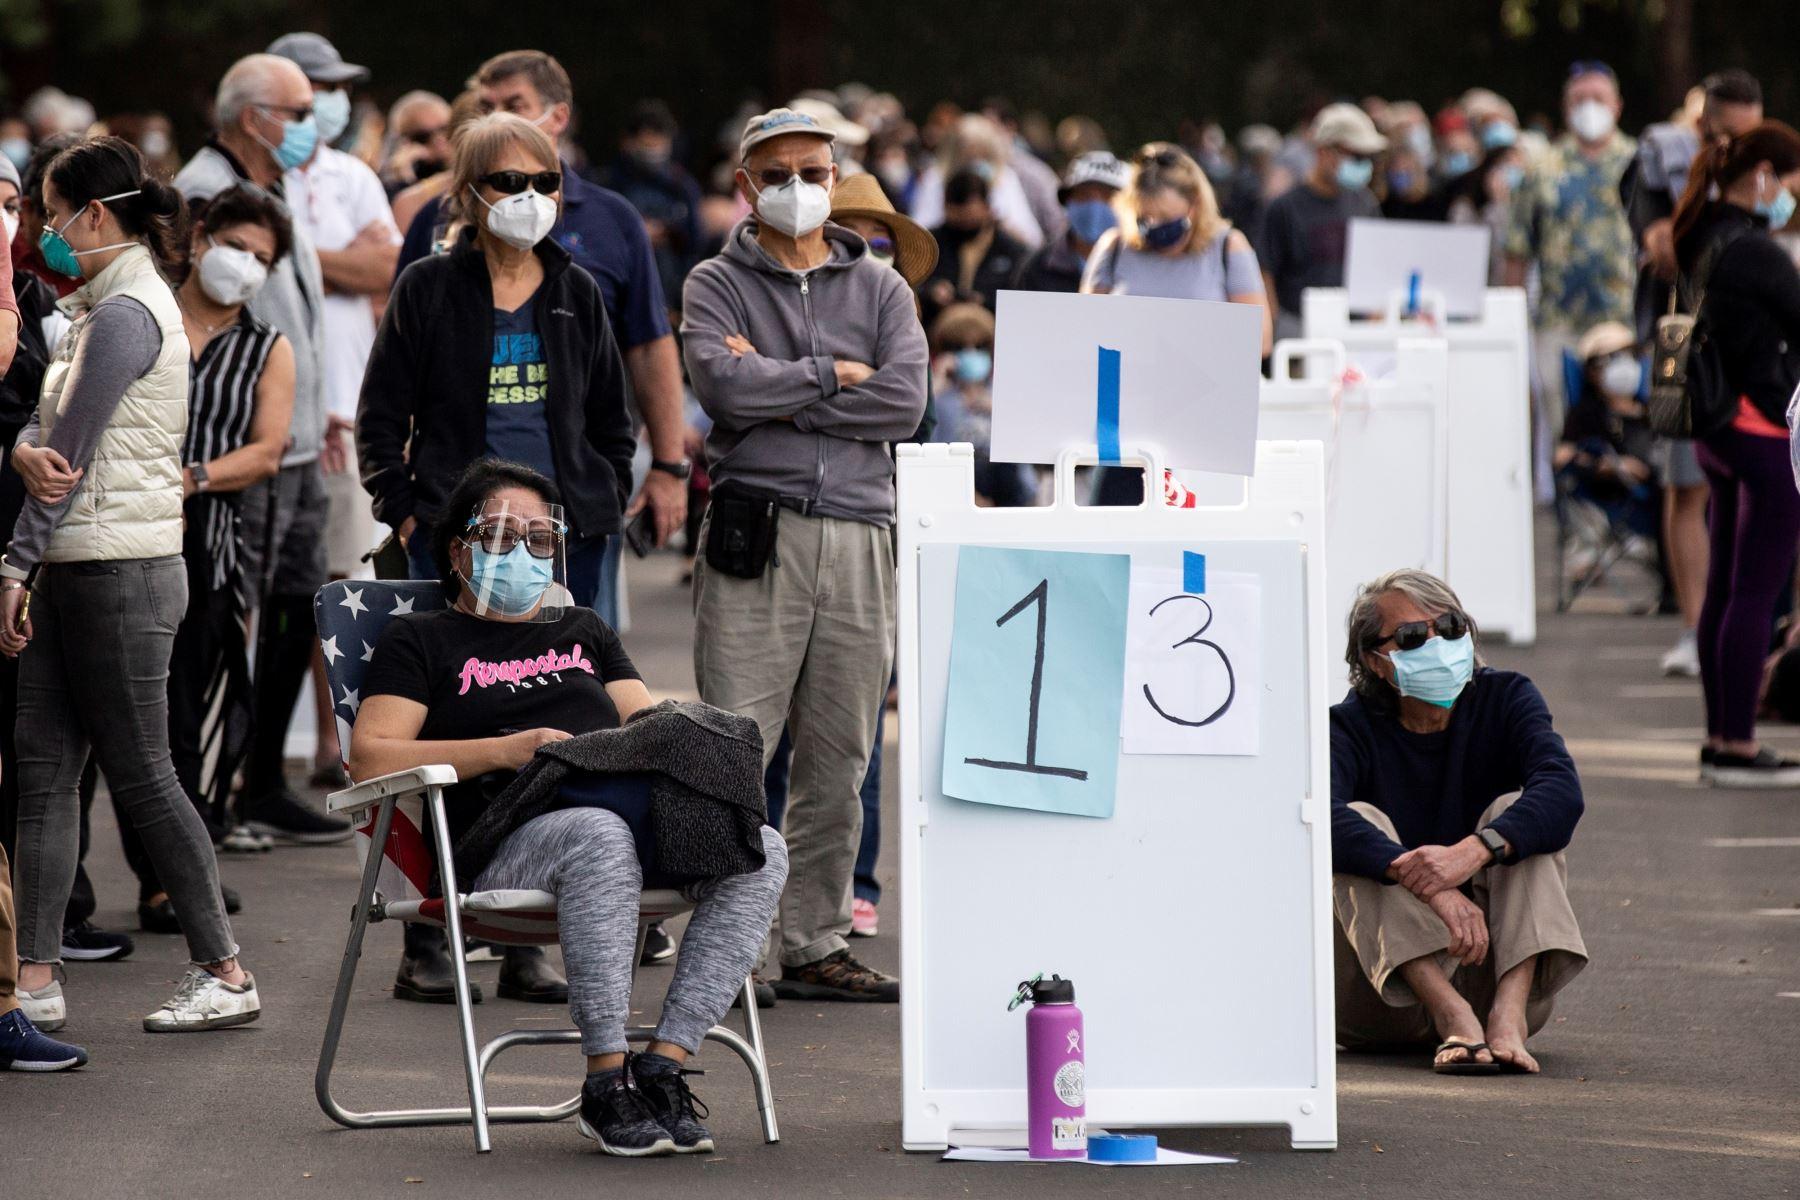 Personas hacen cola mientras esperan vacunarse contra covid-19 en un estacionamiento de Disneyland en Anaheim, California. Foto: EFE